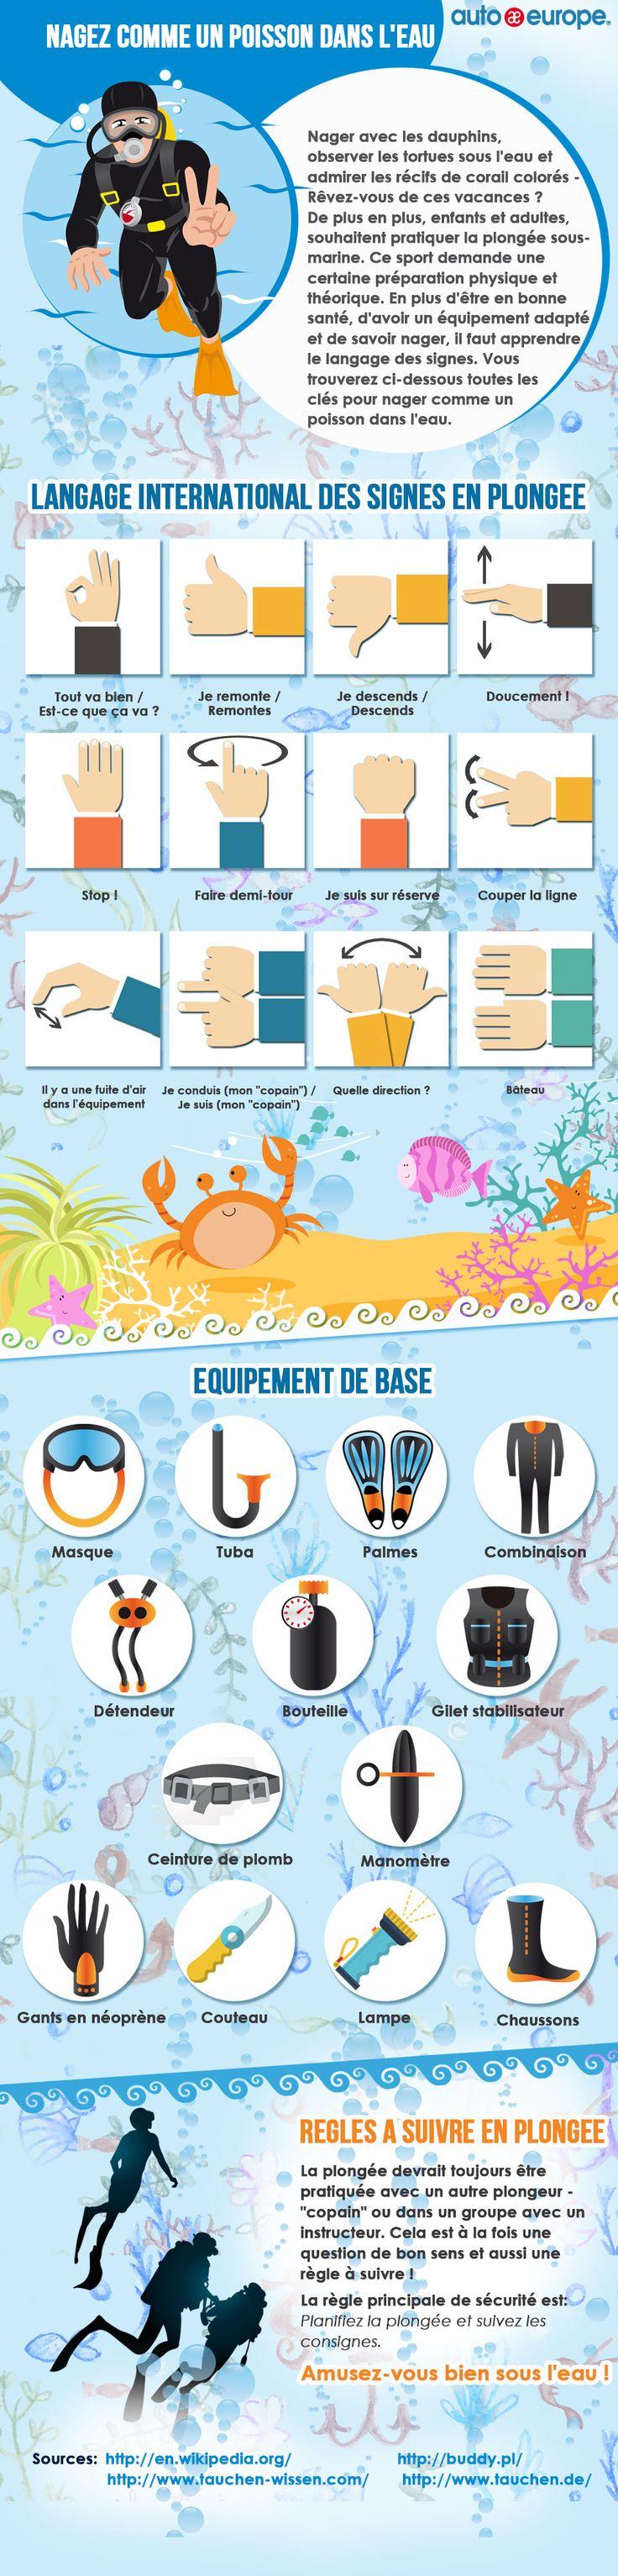 Infographie : La plongée sous-marine en vacances - Pour consulter plus d'infographies, cliquez ici : http://www.autoeurope.fr/go/infographie/